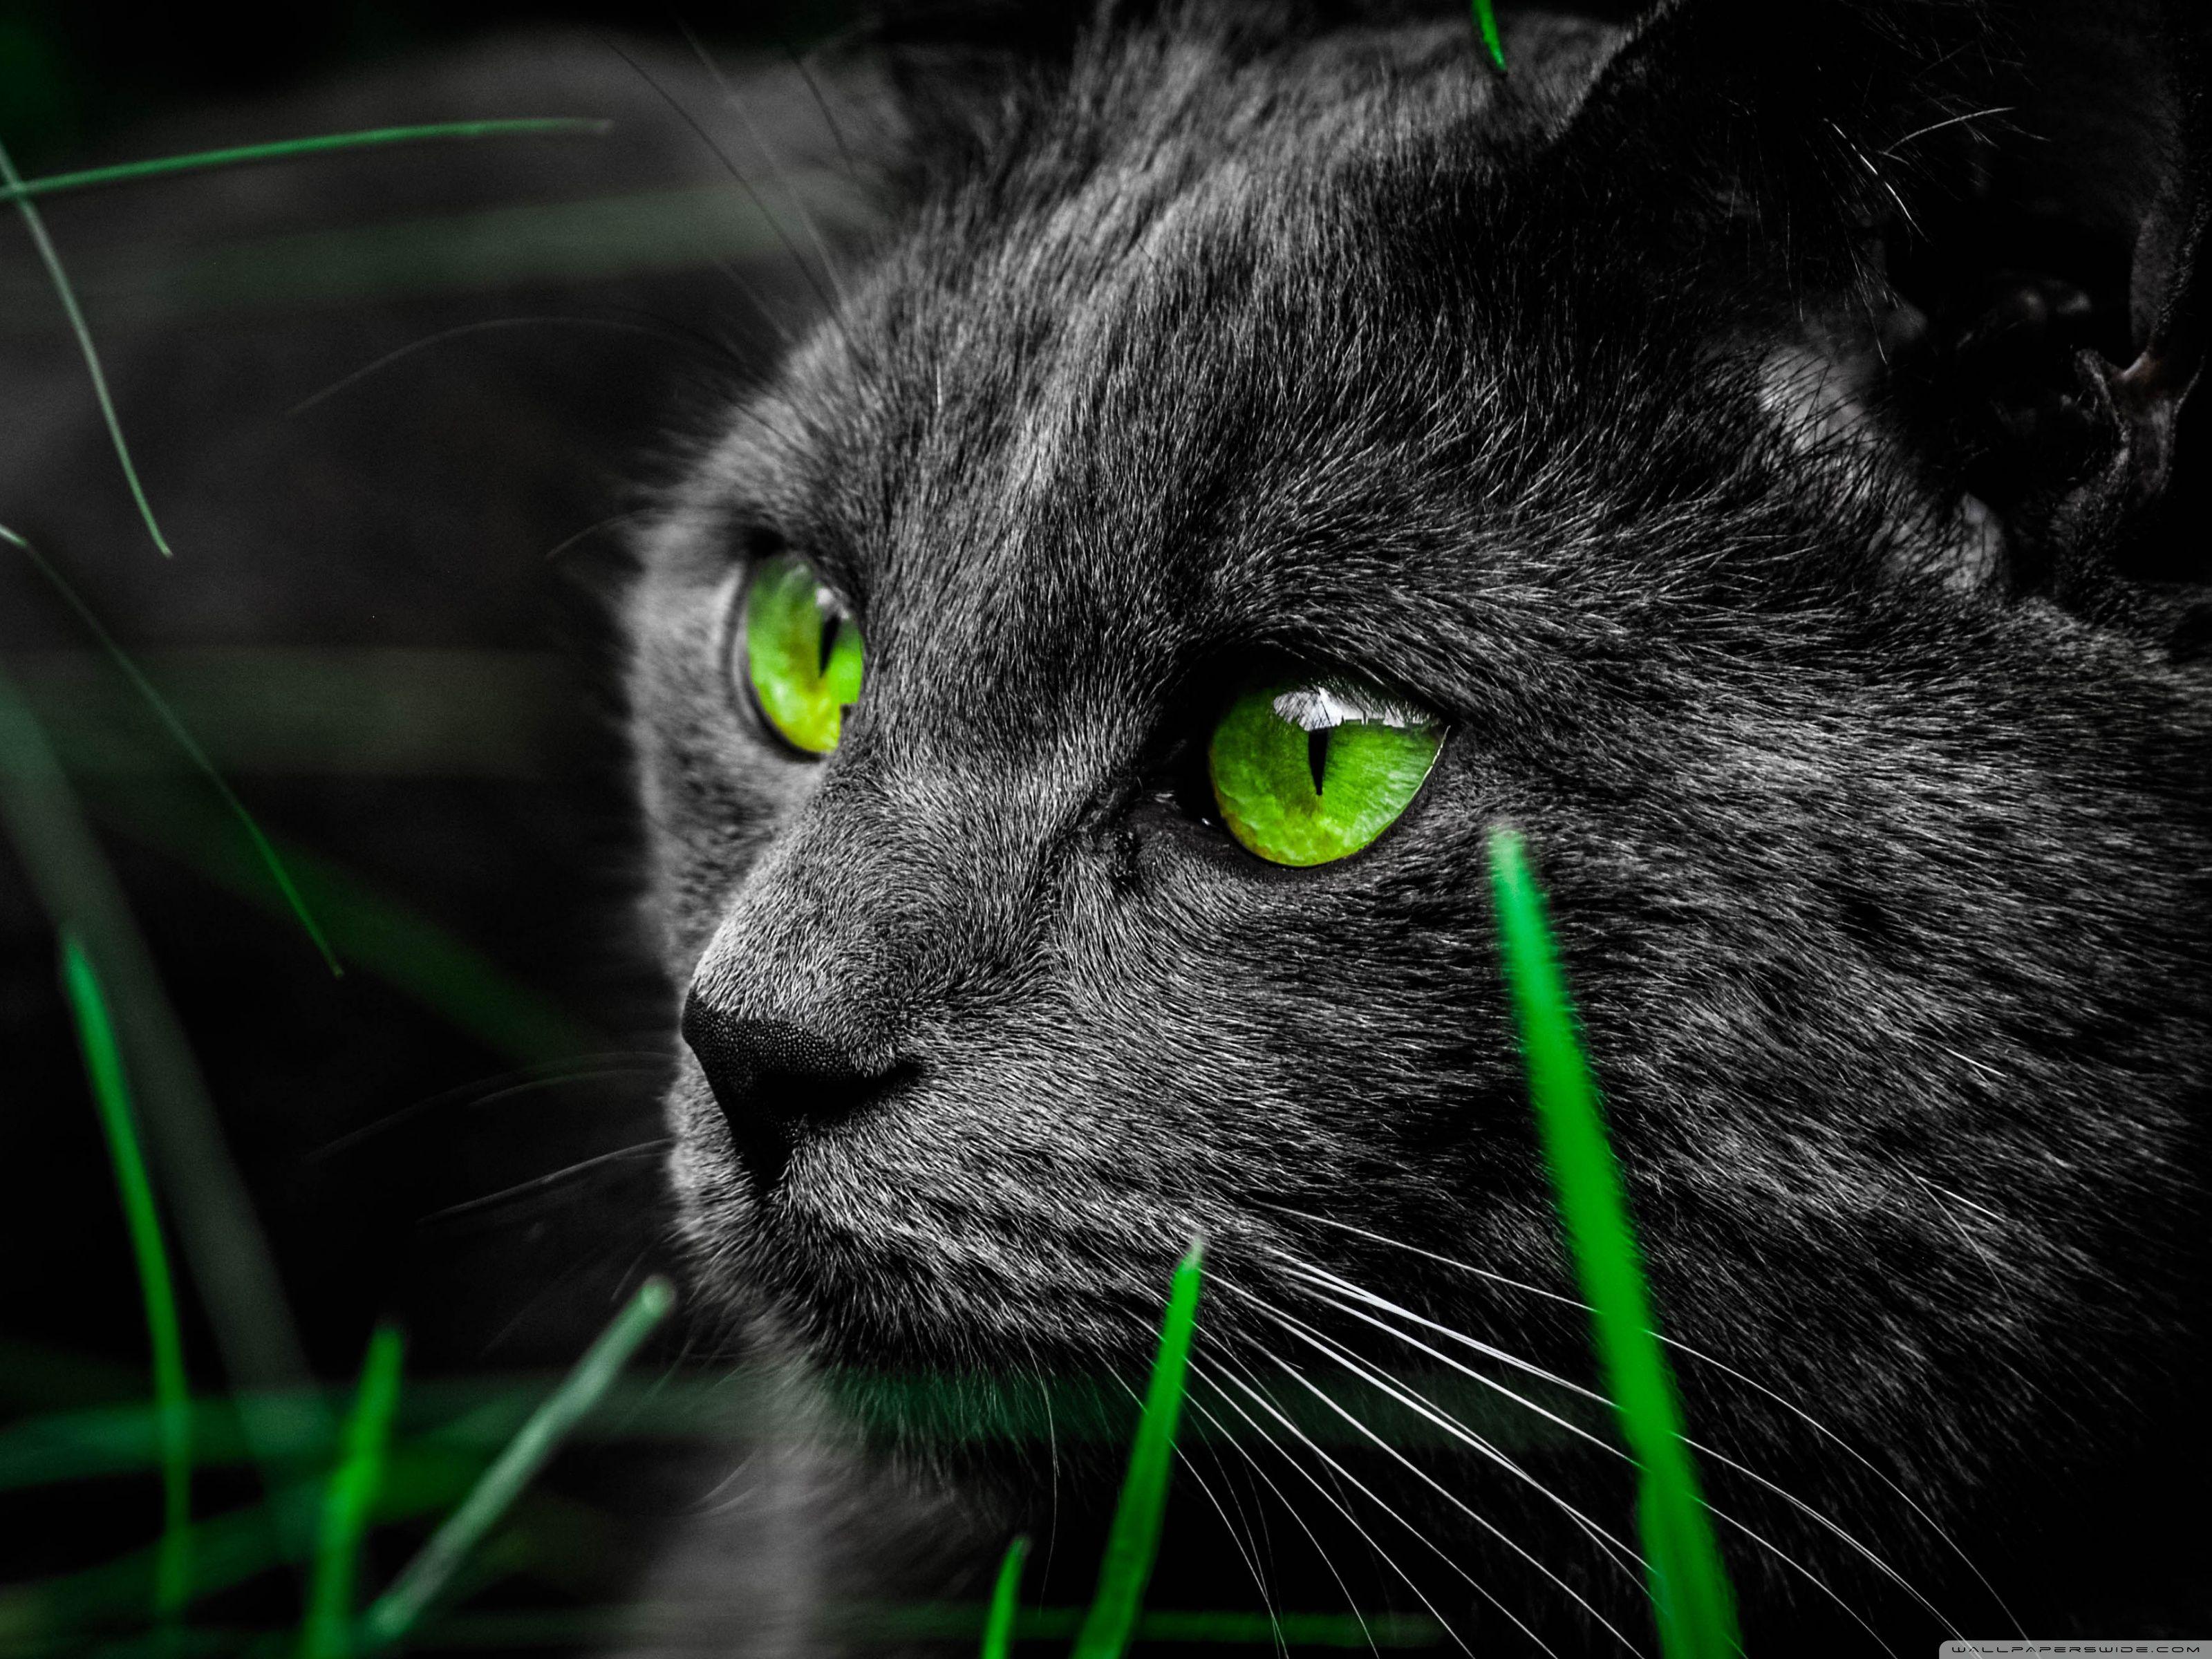 Cat Hd Desktop Wallpaper Widescreen High Definition Cat Wallpaper Cats Cat Pics